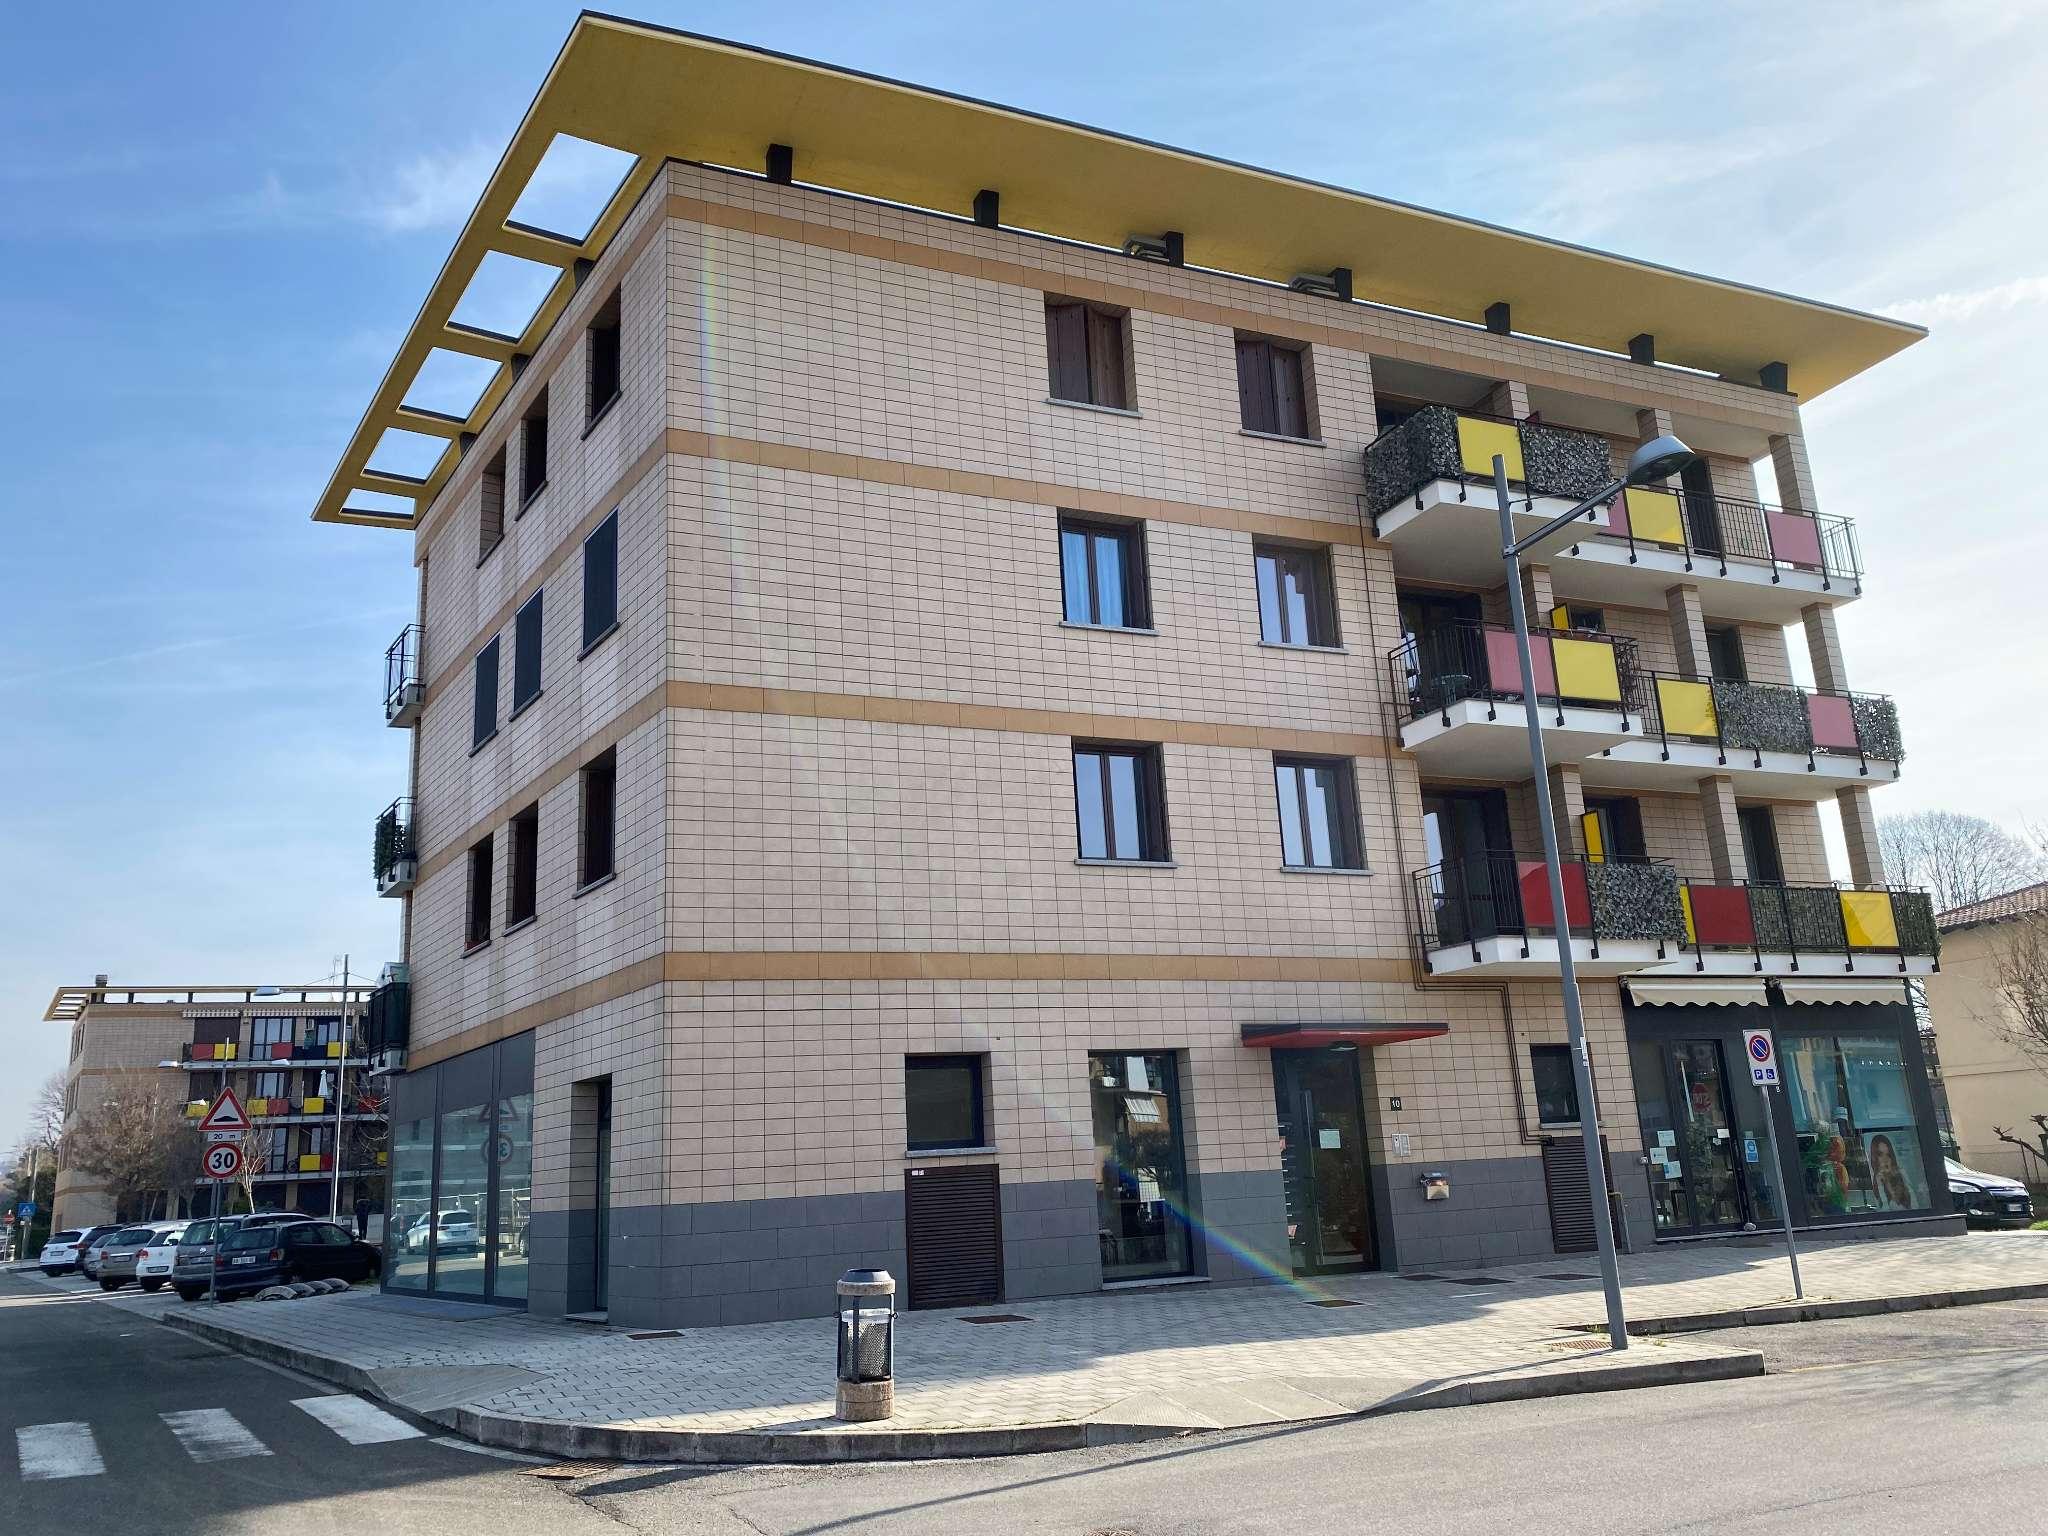 Appartamento in vendita a Somma Lombardo, 2 locali, prezzo € 138.750   PortaleAgenzieImmobiliari.it